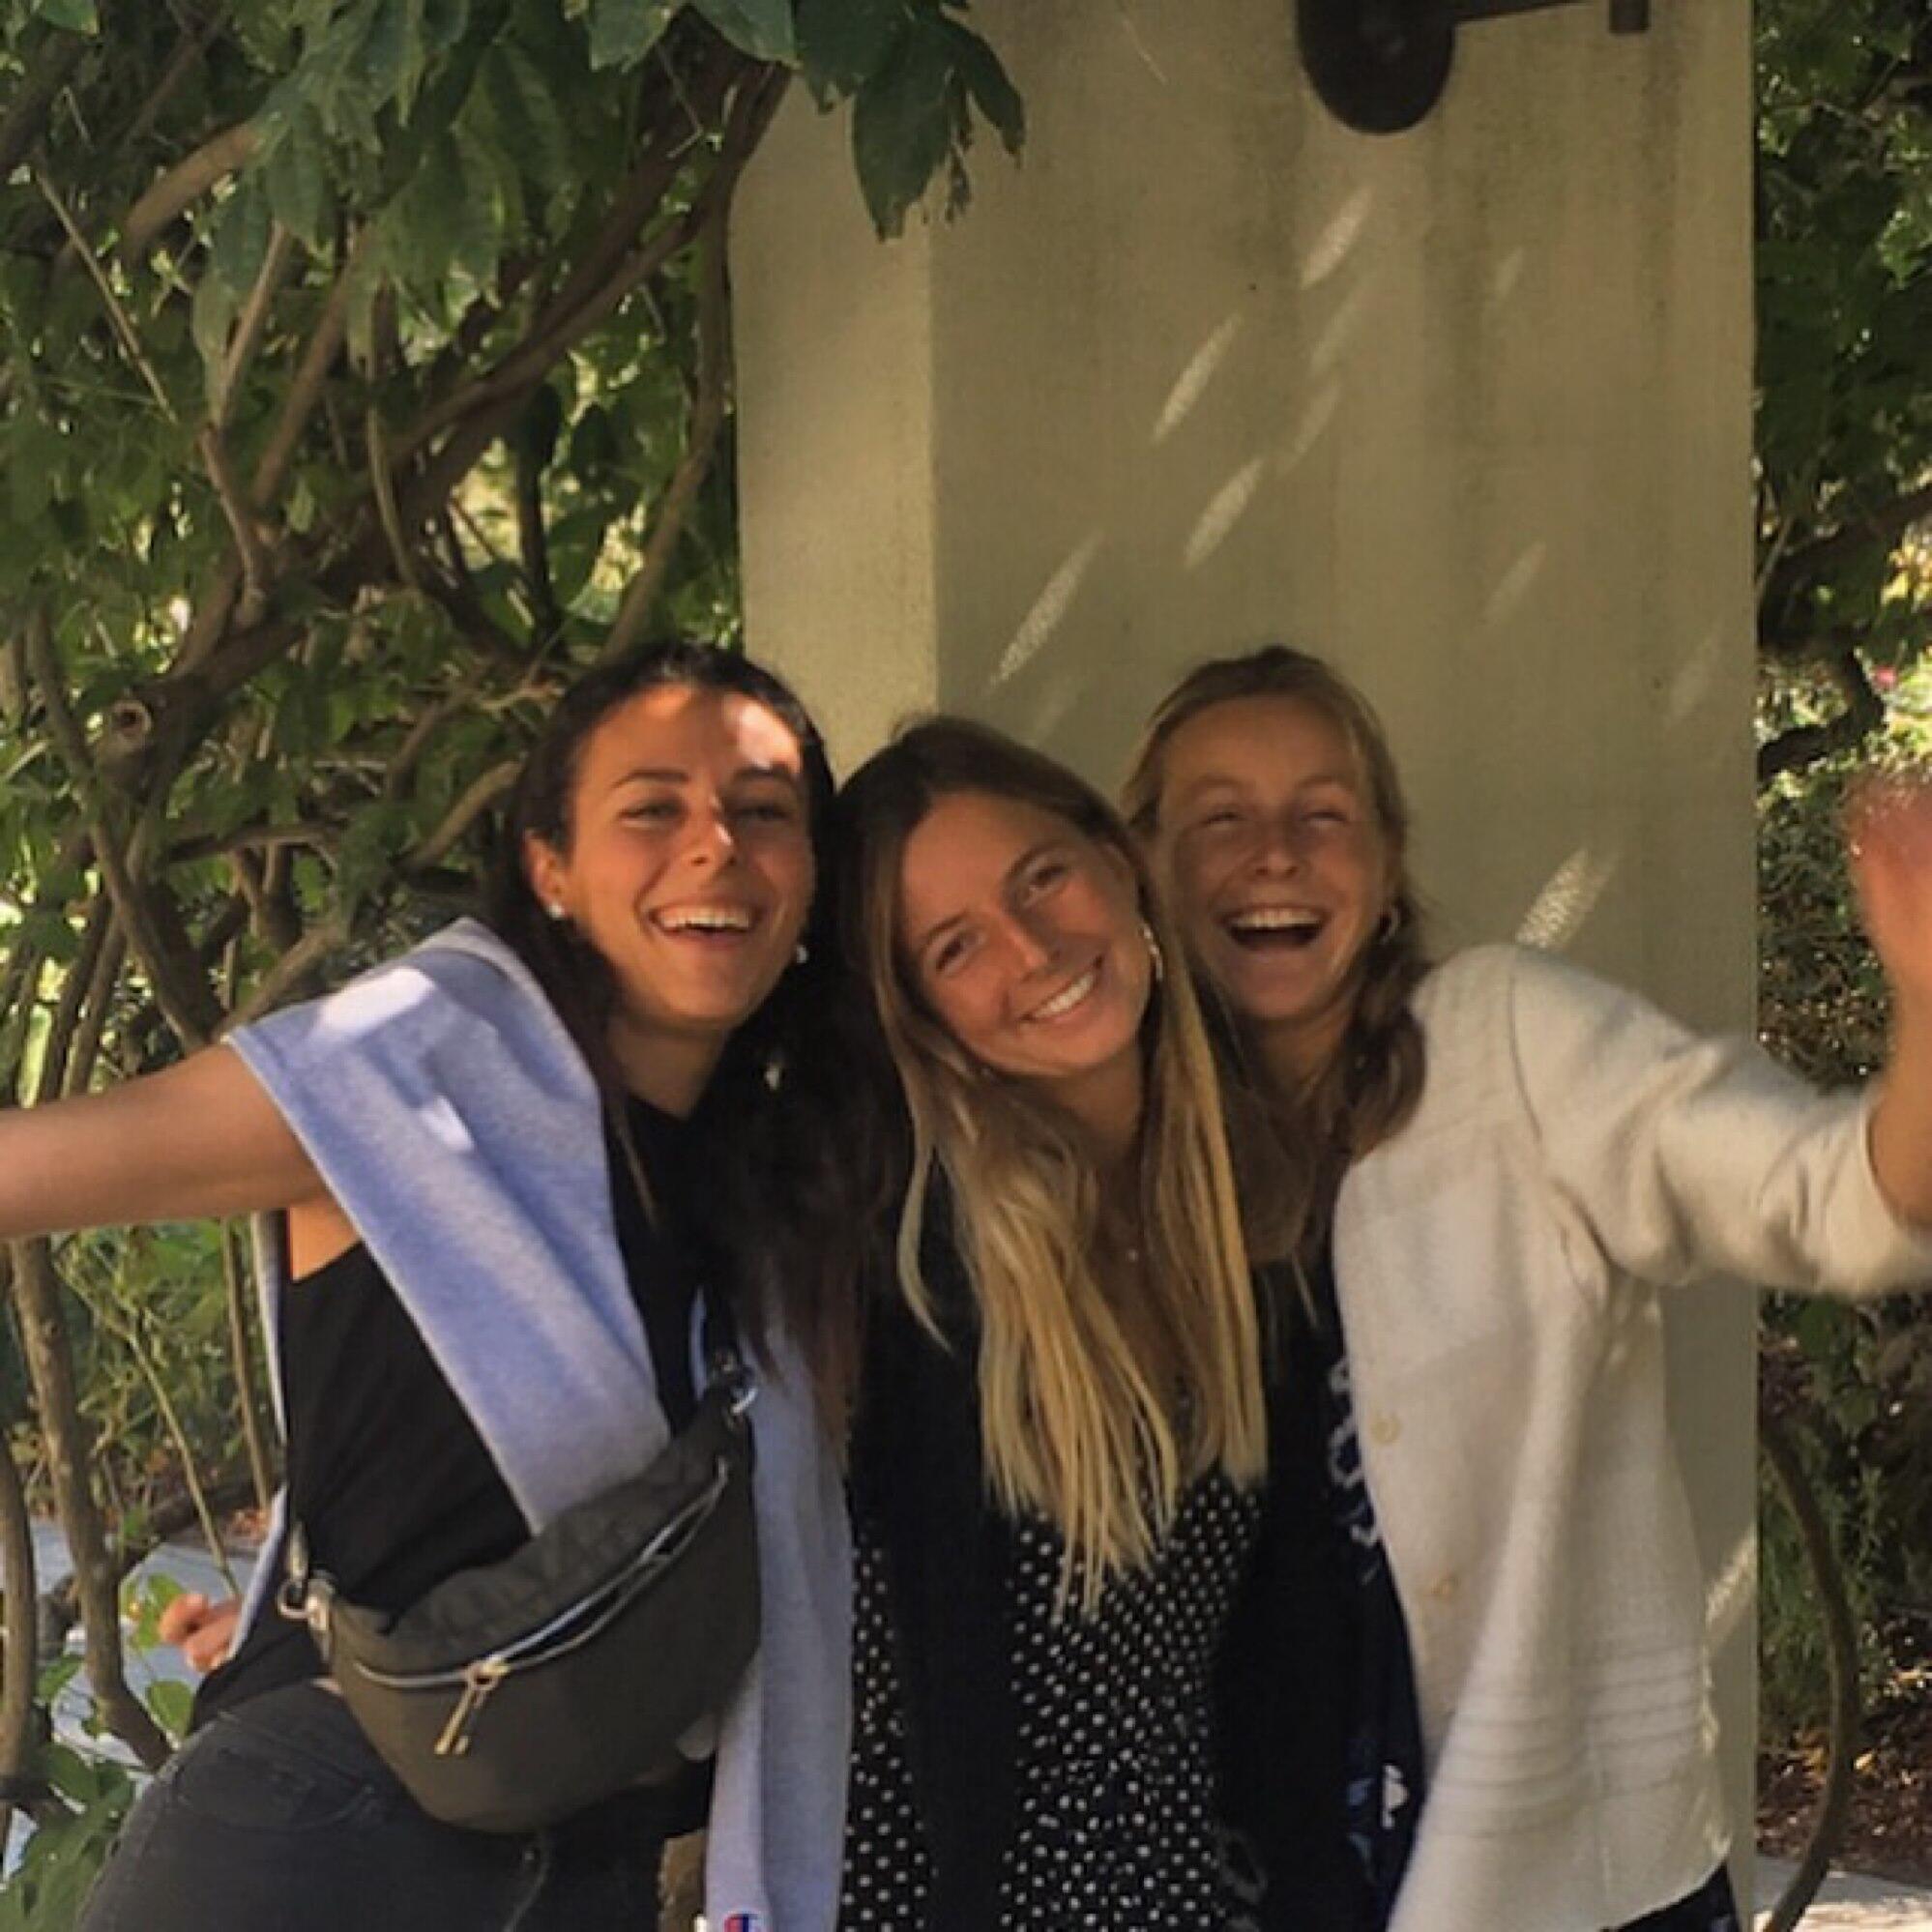 Marie-Claire Kanaan, Camille Pereira y Laure de Lacaze, las tres fundadoras de Medene.